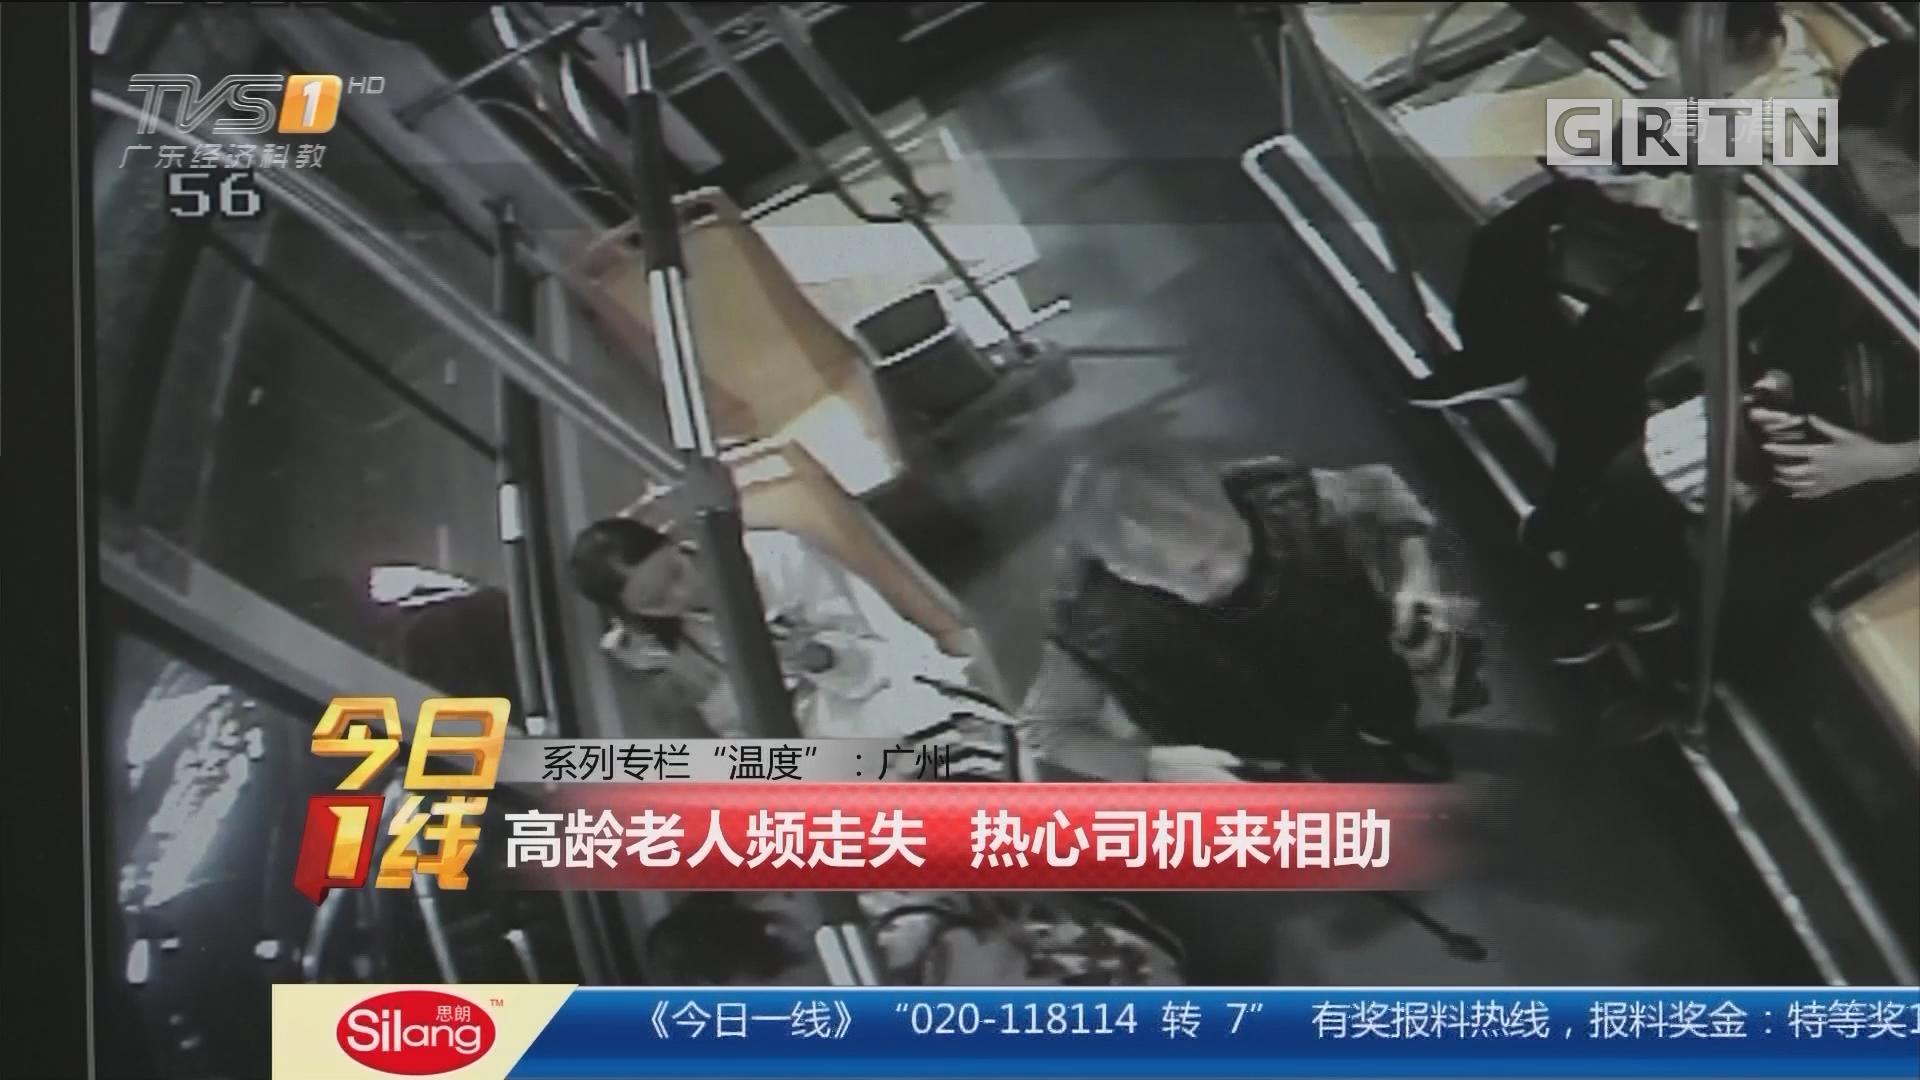 """系列专栏""""温度"""":广州 高龄老人频走失 热心司机来相助"""